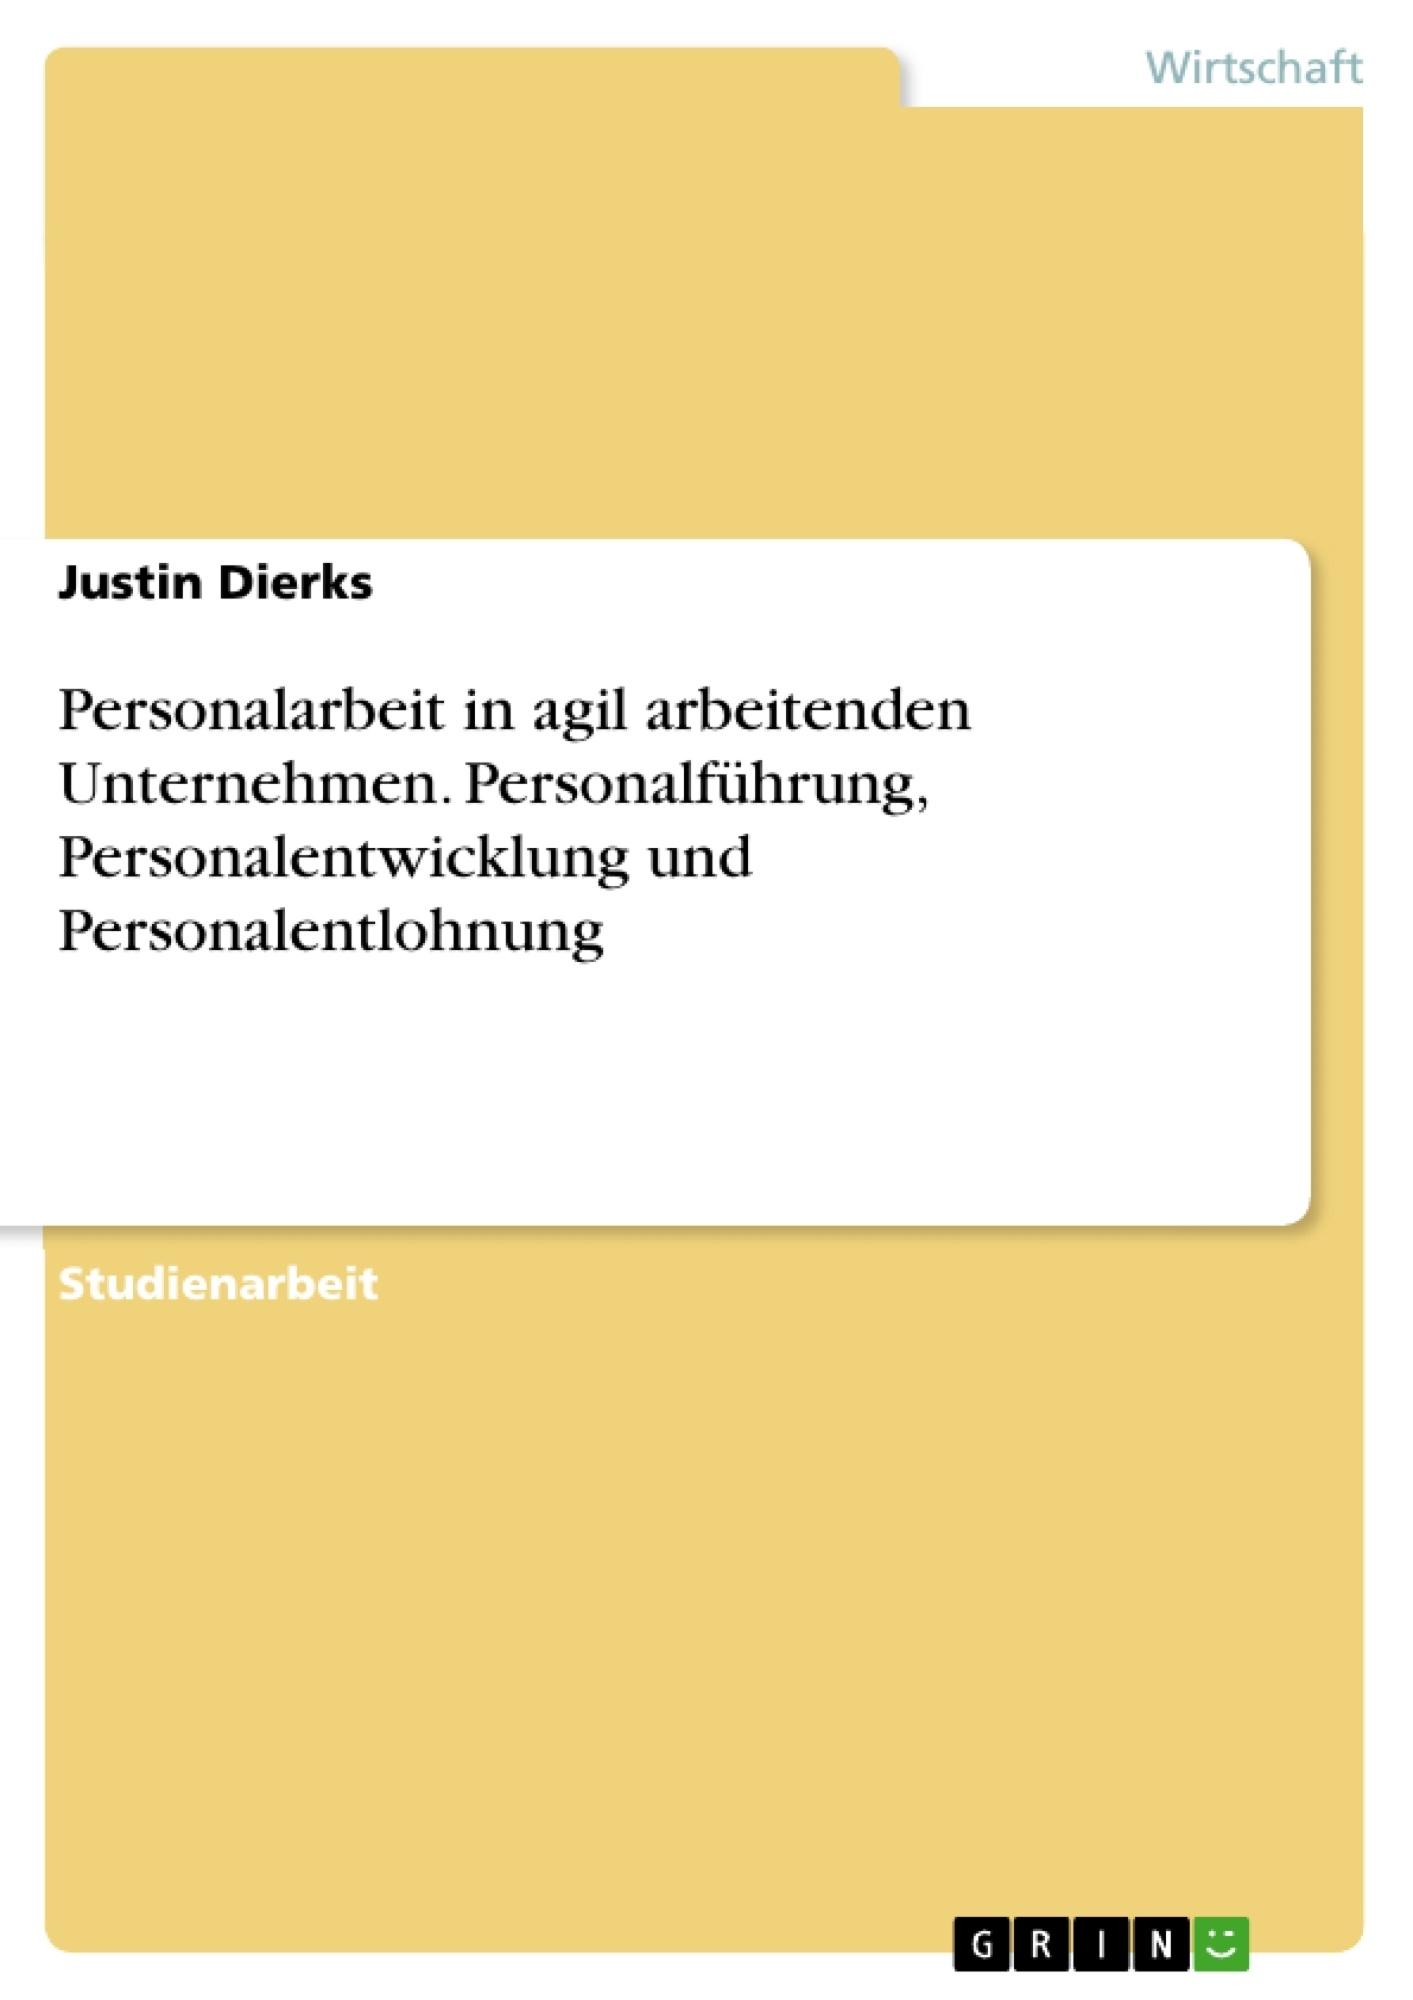 Titel: Personalarbeit in agil arbeitenden Unternehmen. Personalführung, Personalentwicklung und Personalentlohnung